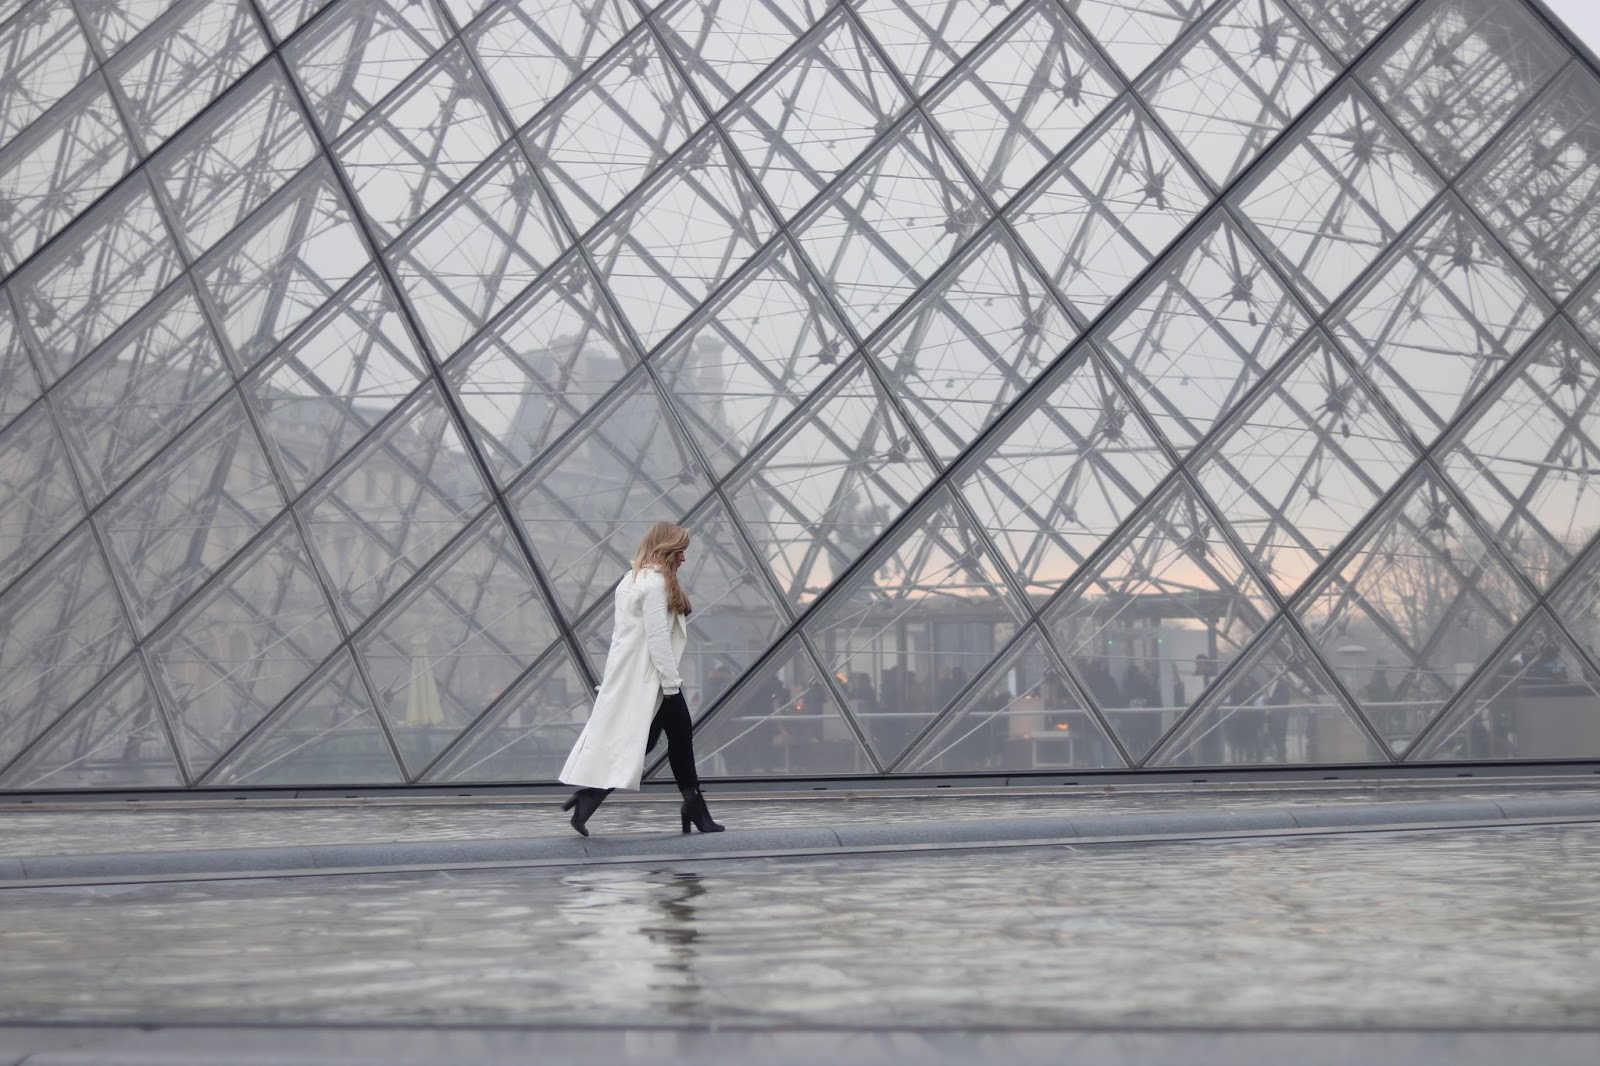 The Louvre, Paris, France, KALANCHOE, Katie Heath